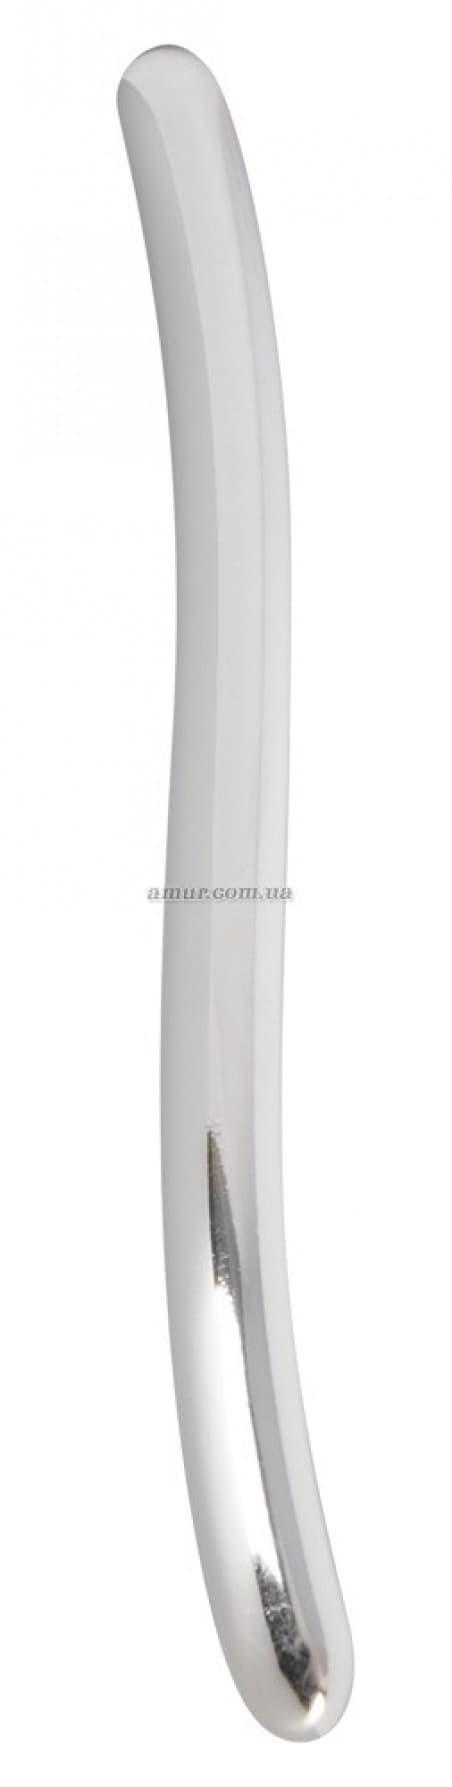 Уретральный расширитель «Metal Dilator» 12 мм